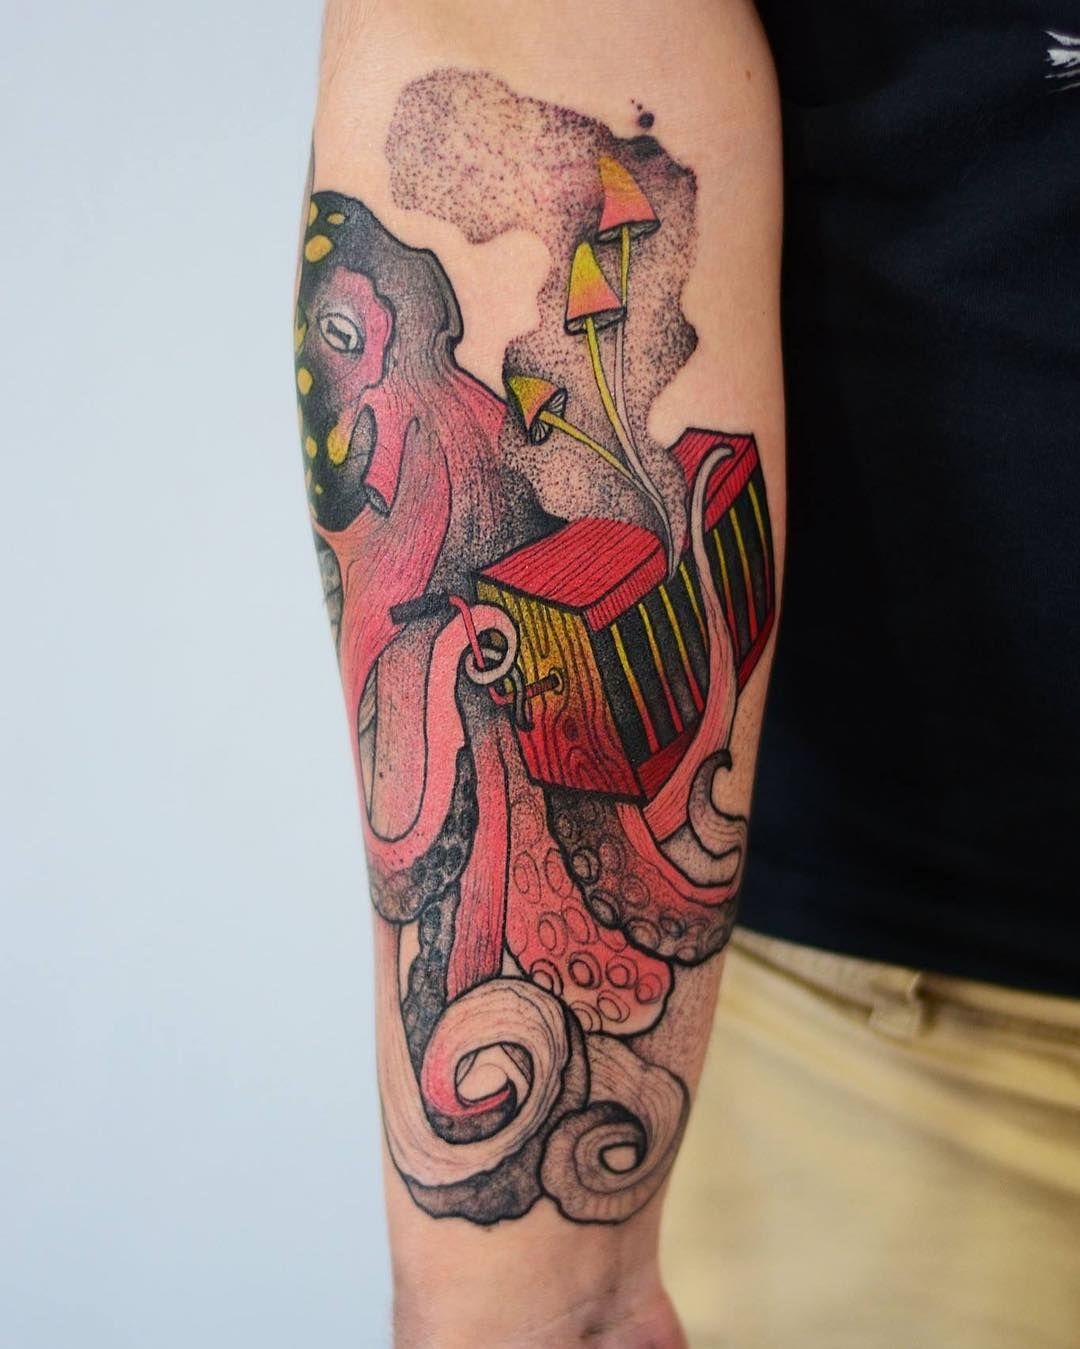 Artist joanna swirska creates superb animalistic tattoos